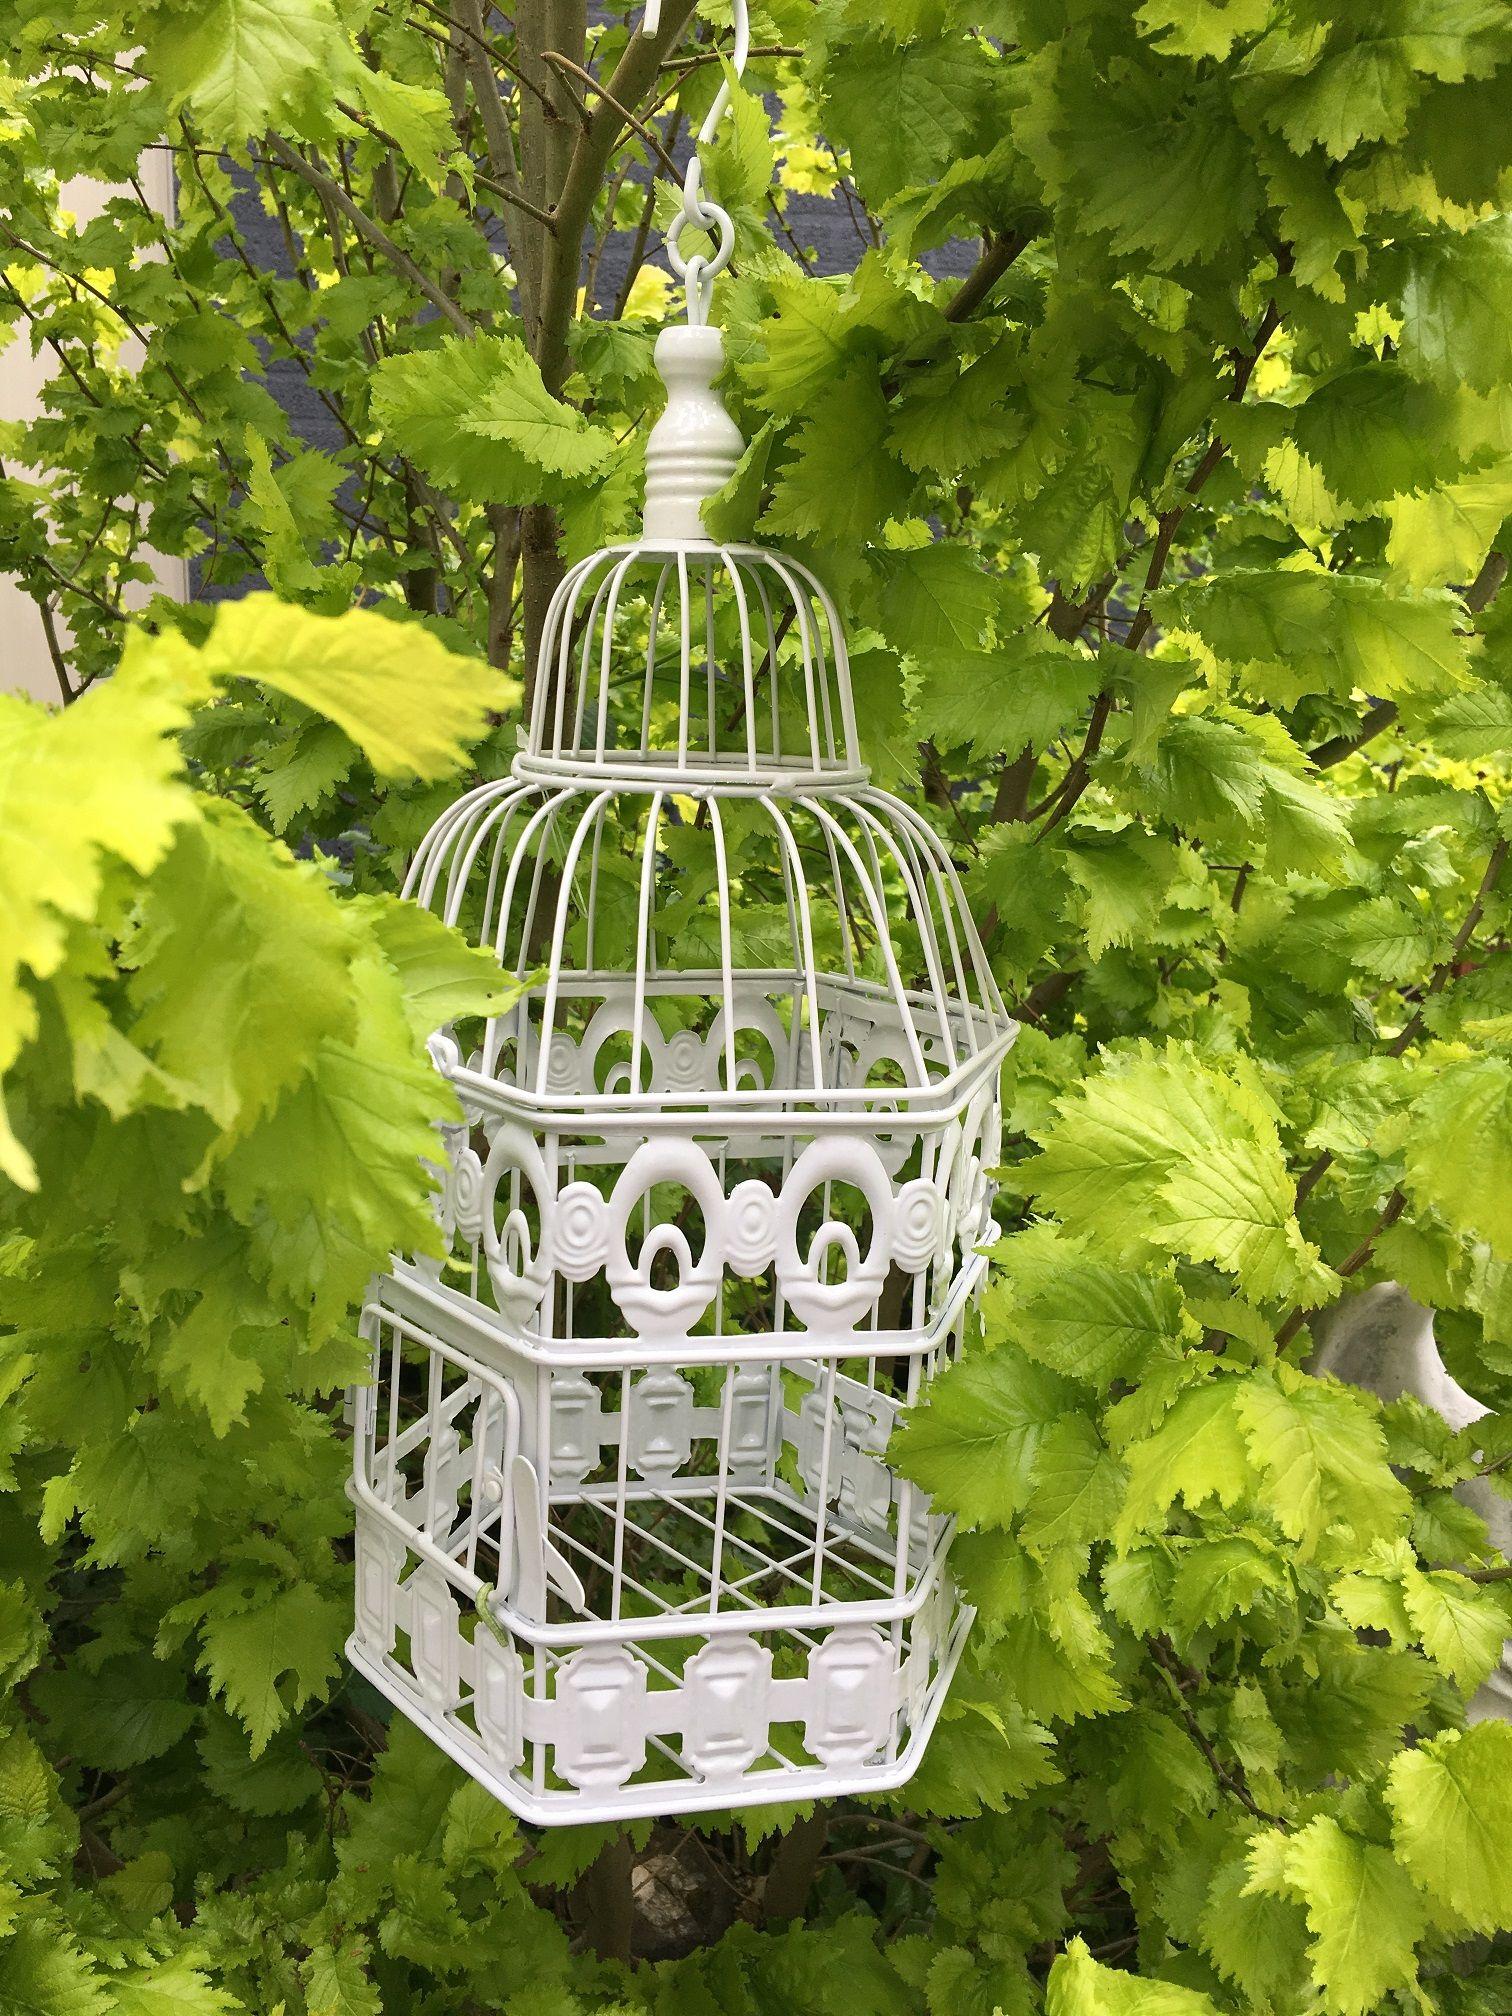 Vogelkooi hangmand decoratieve kooi metalen bloemen hangmand hangmanden balkon patio - Schilderij kooi d trap ...